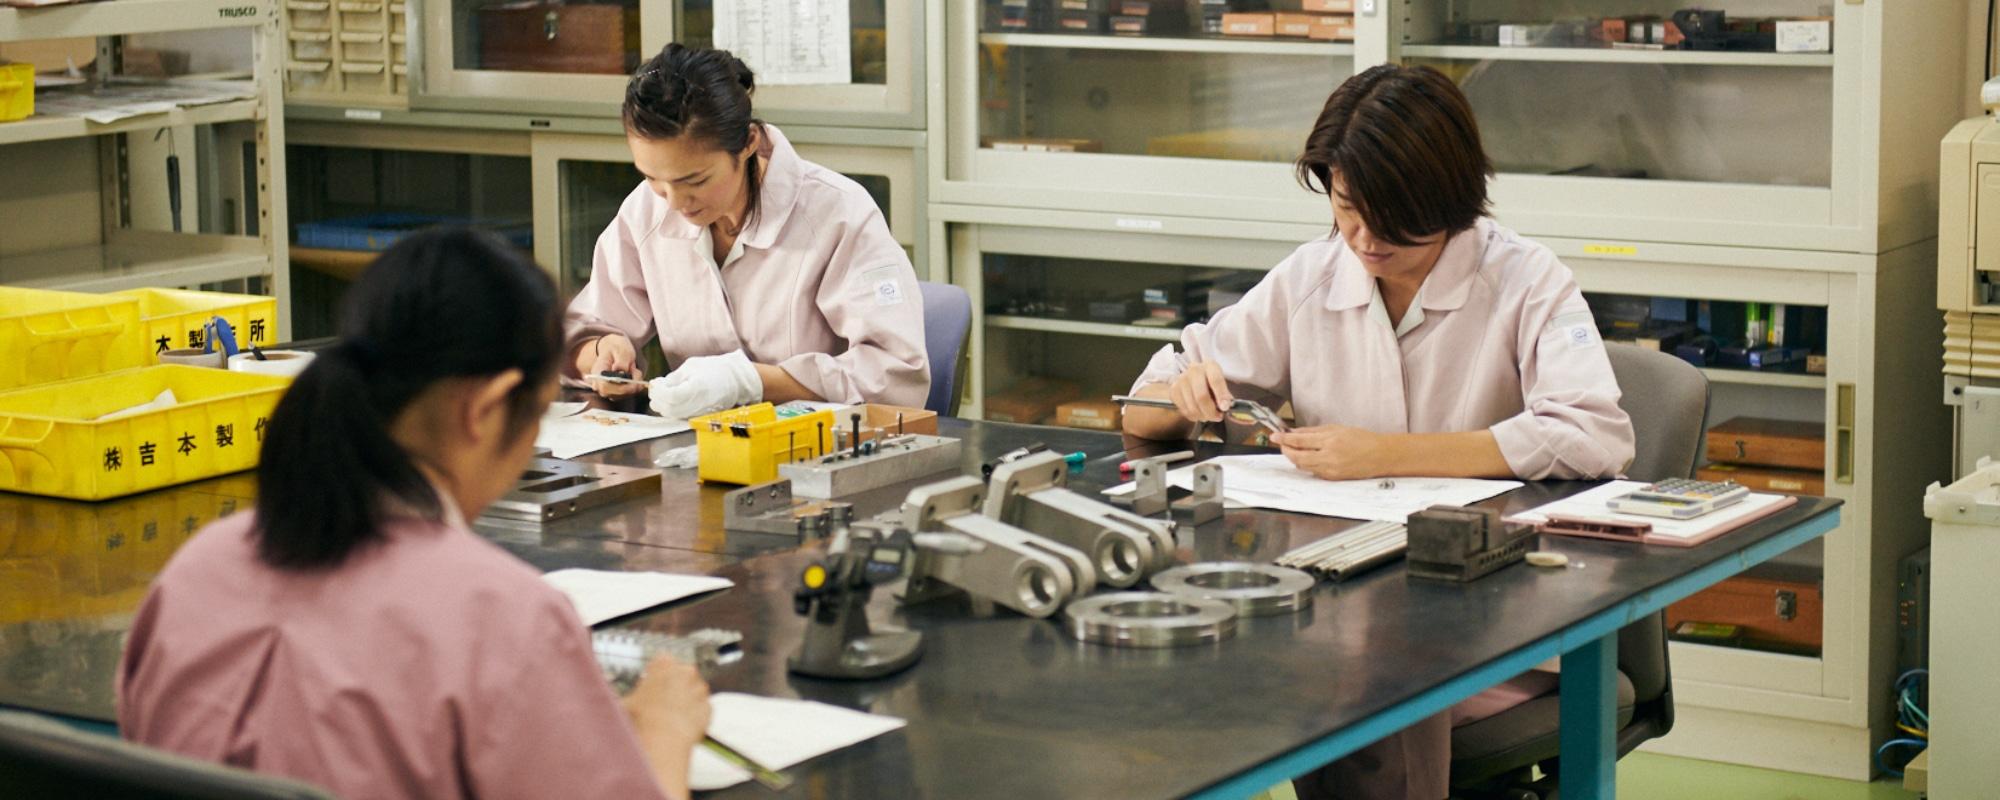 高品質の製品を届ける品質管理